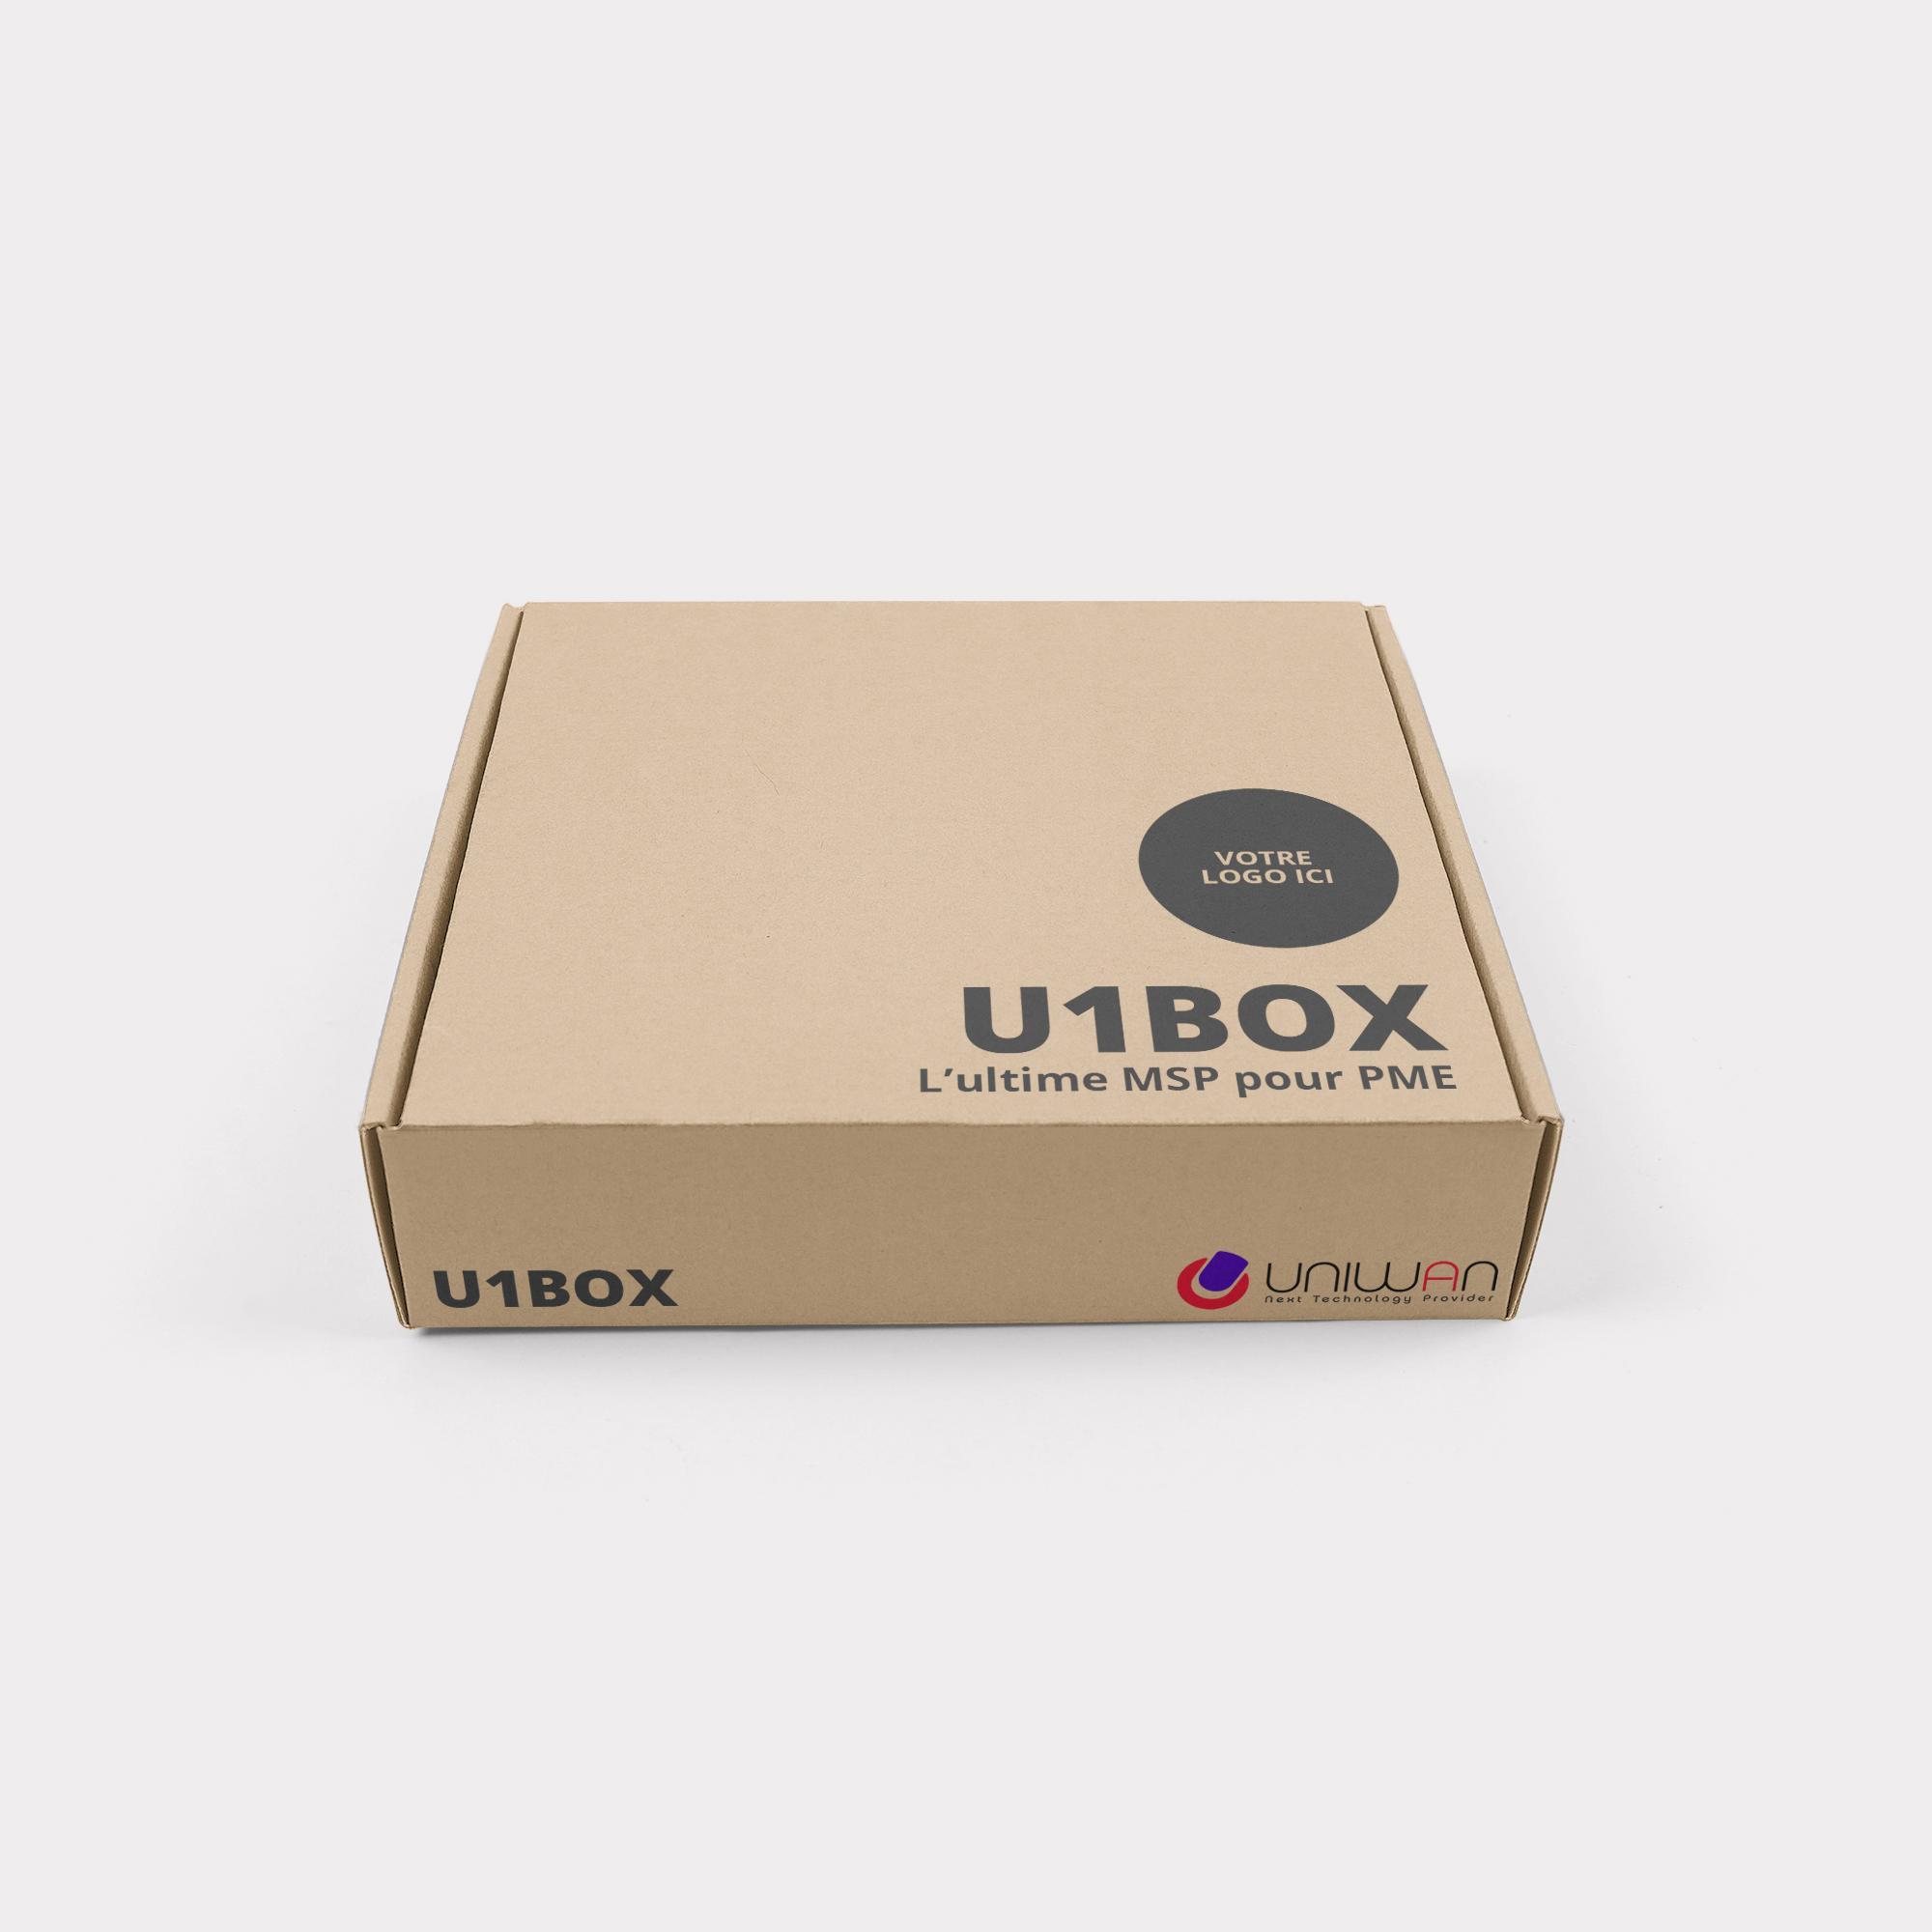 L'U1BOW : le MSP spécial sécurité informatique made in Uniwan